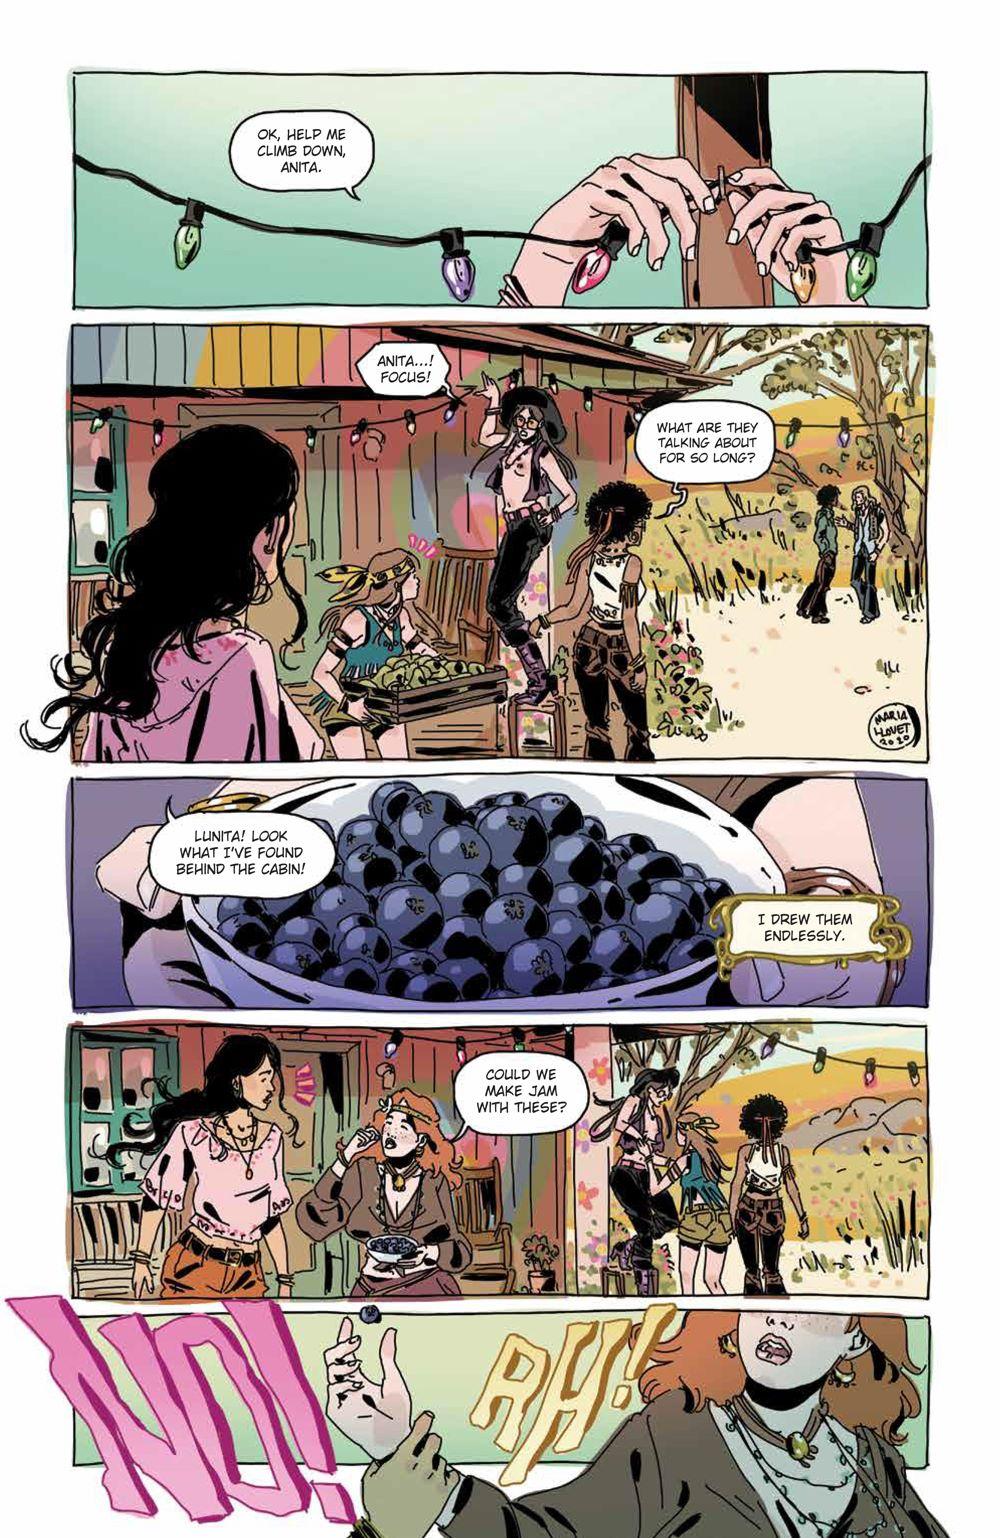 Luna_002_PRESS_8 ComicList Previews: LUNA #2 (OF 5)